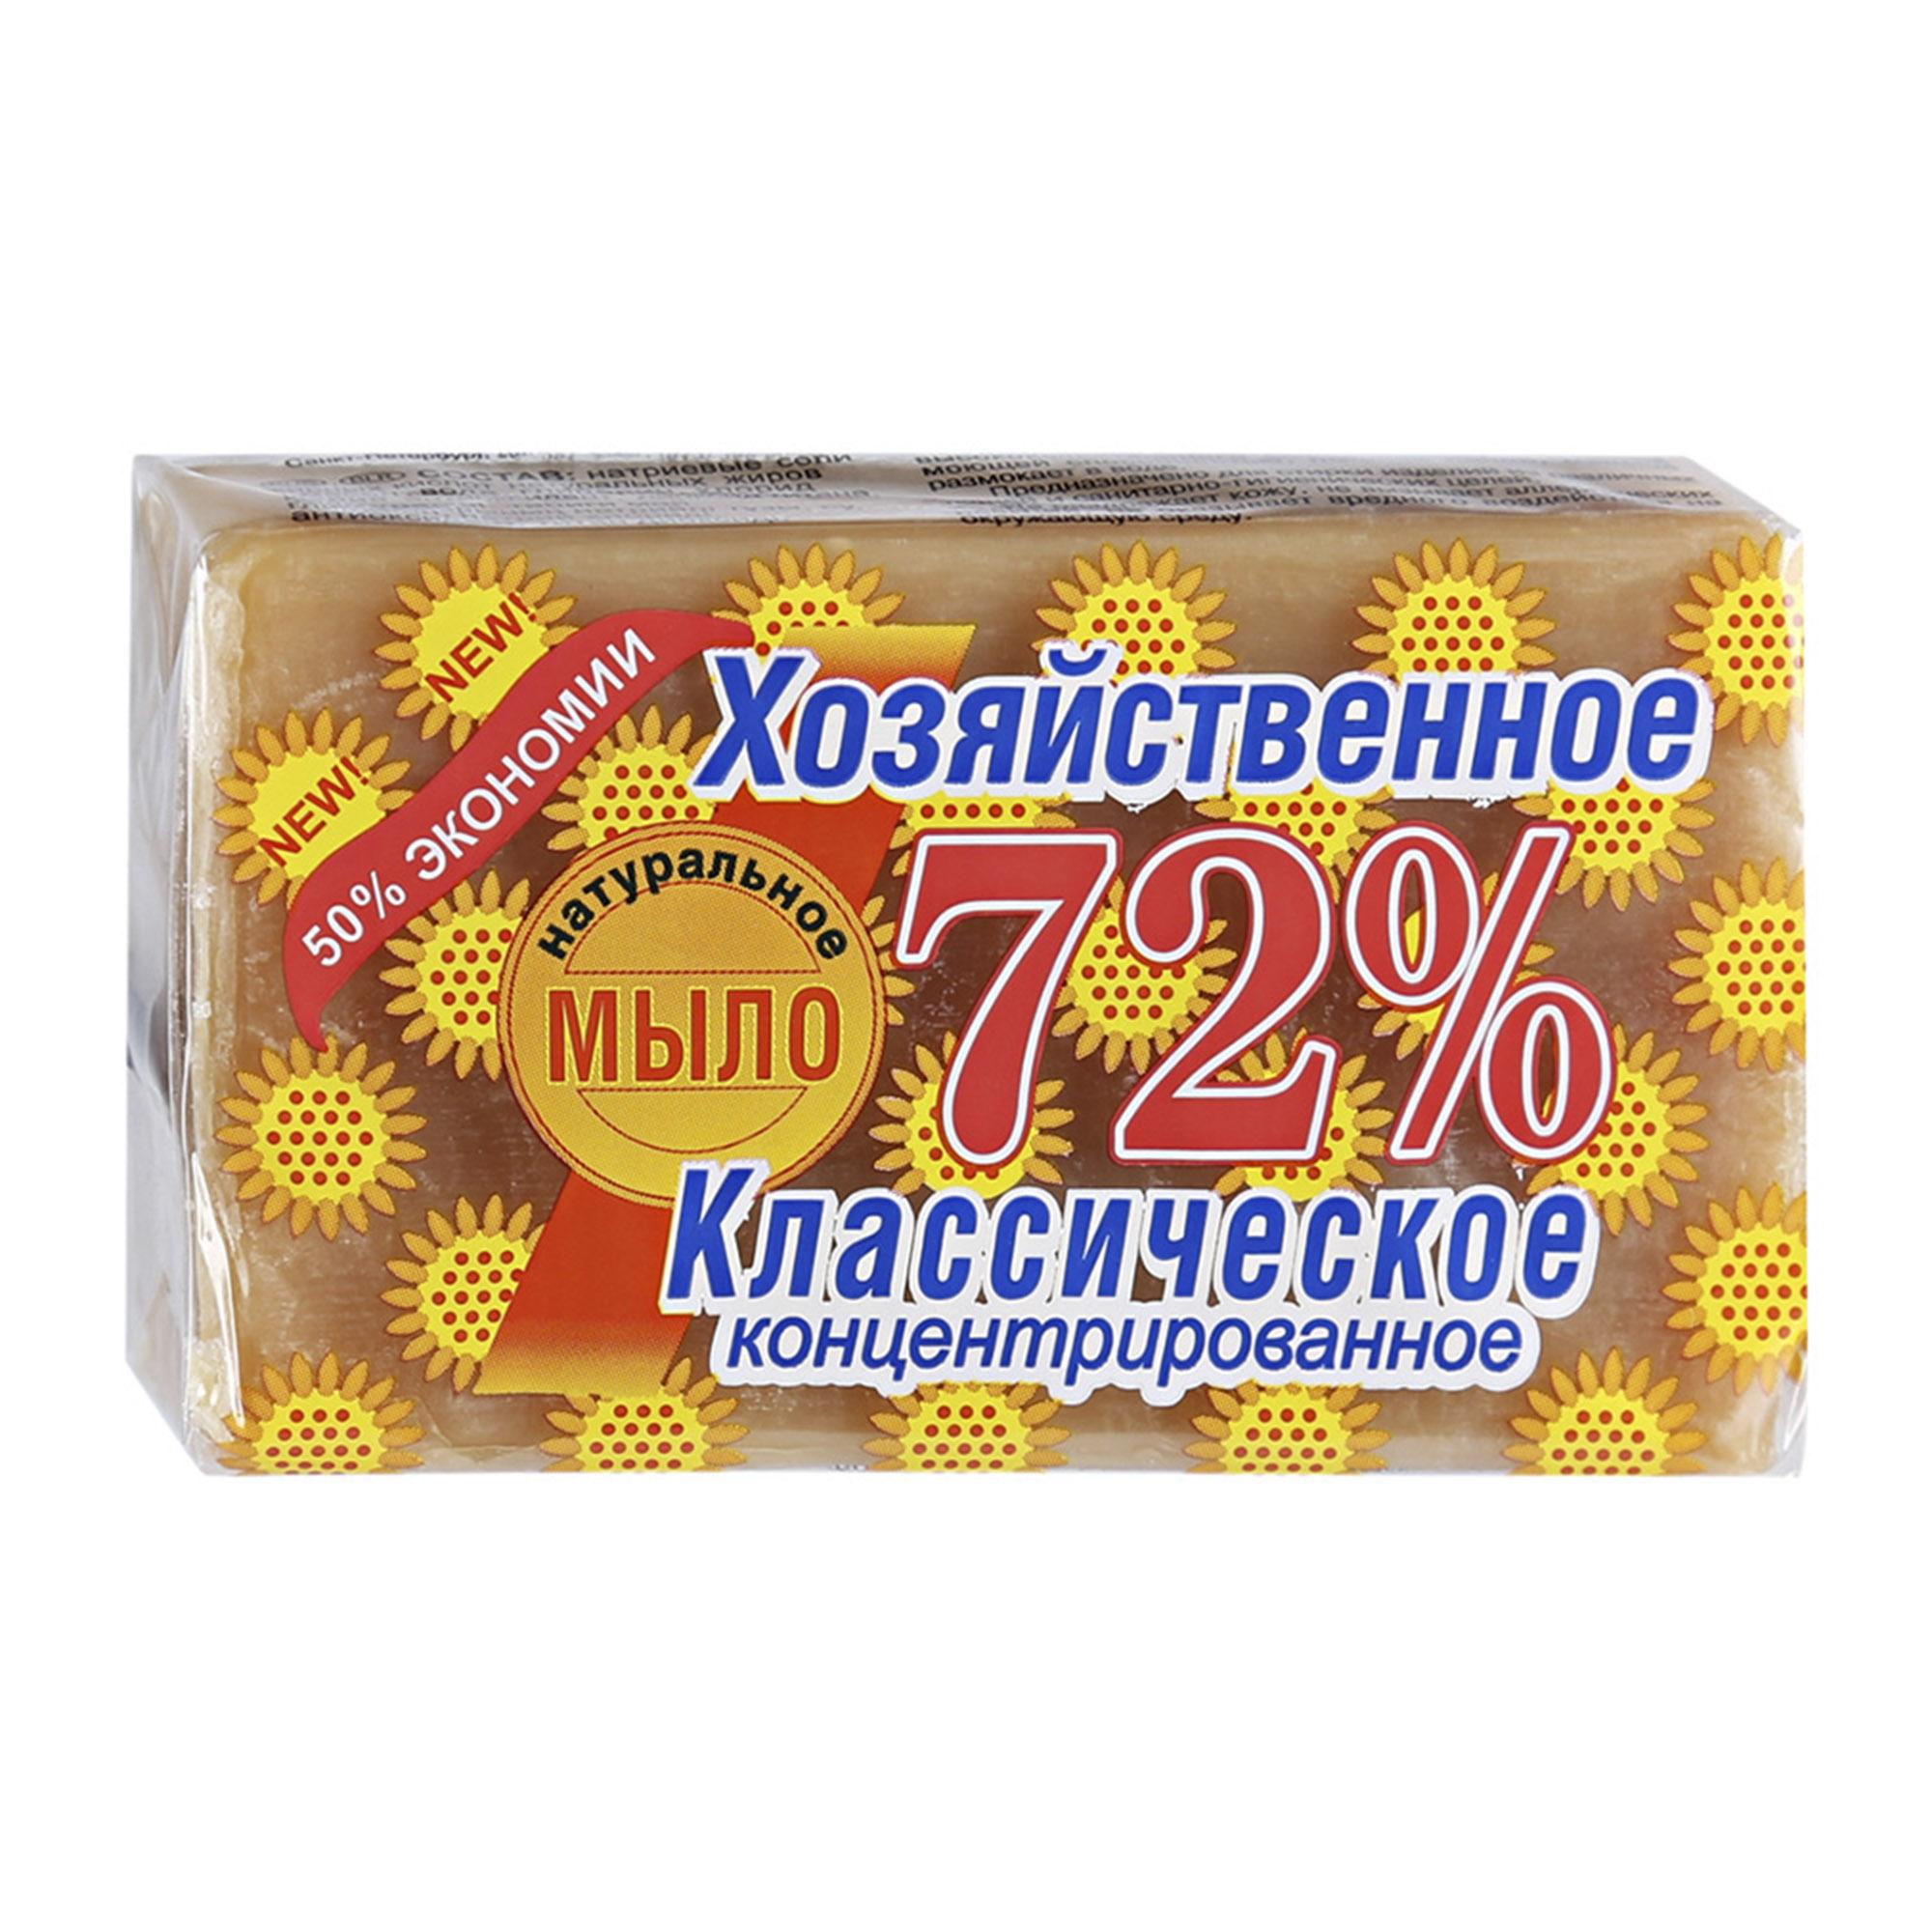 Мыло для стирки Аист хозяйственное 72% 150 г